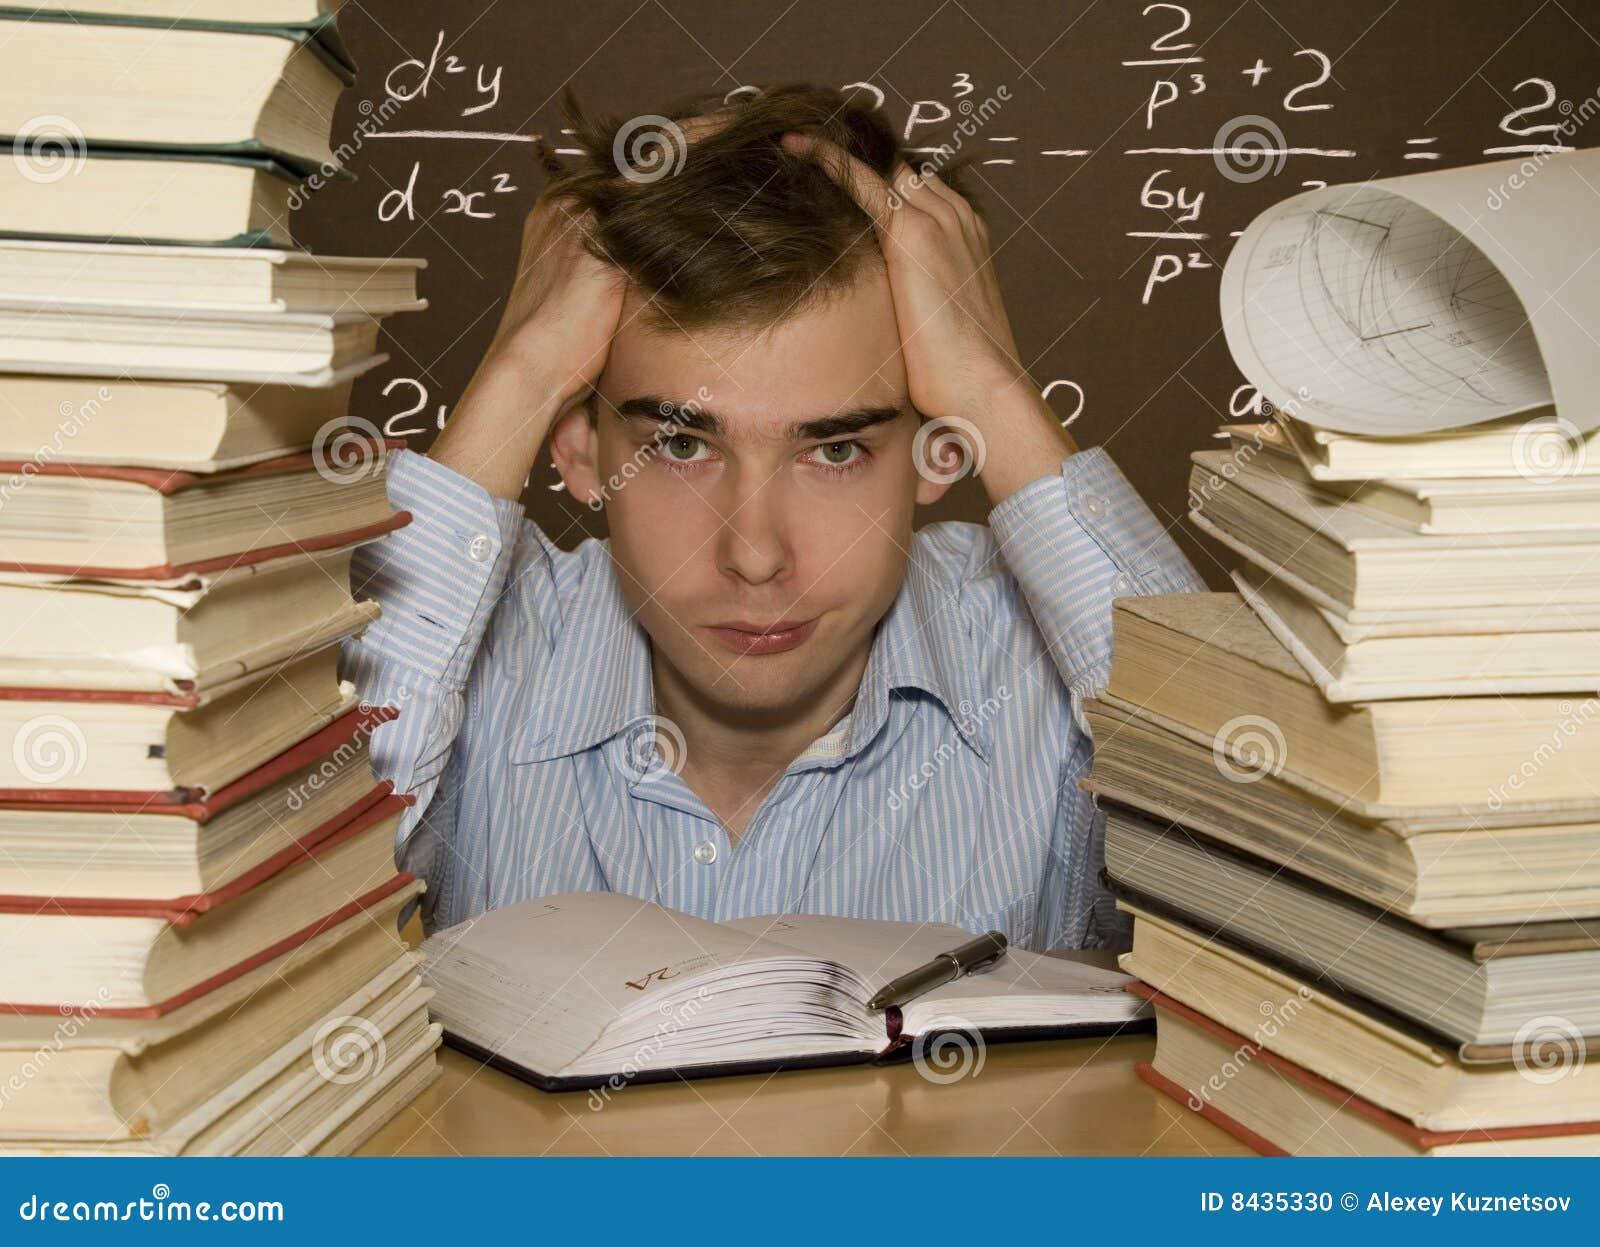 Étudiant